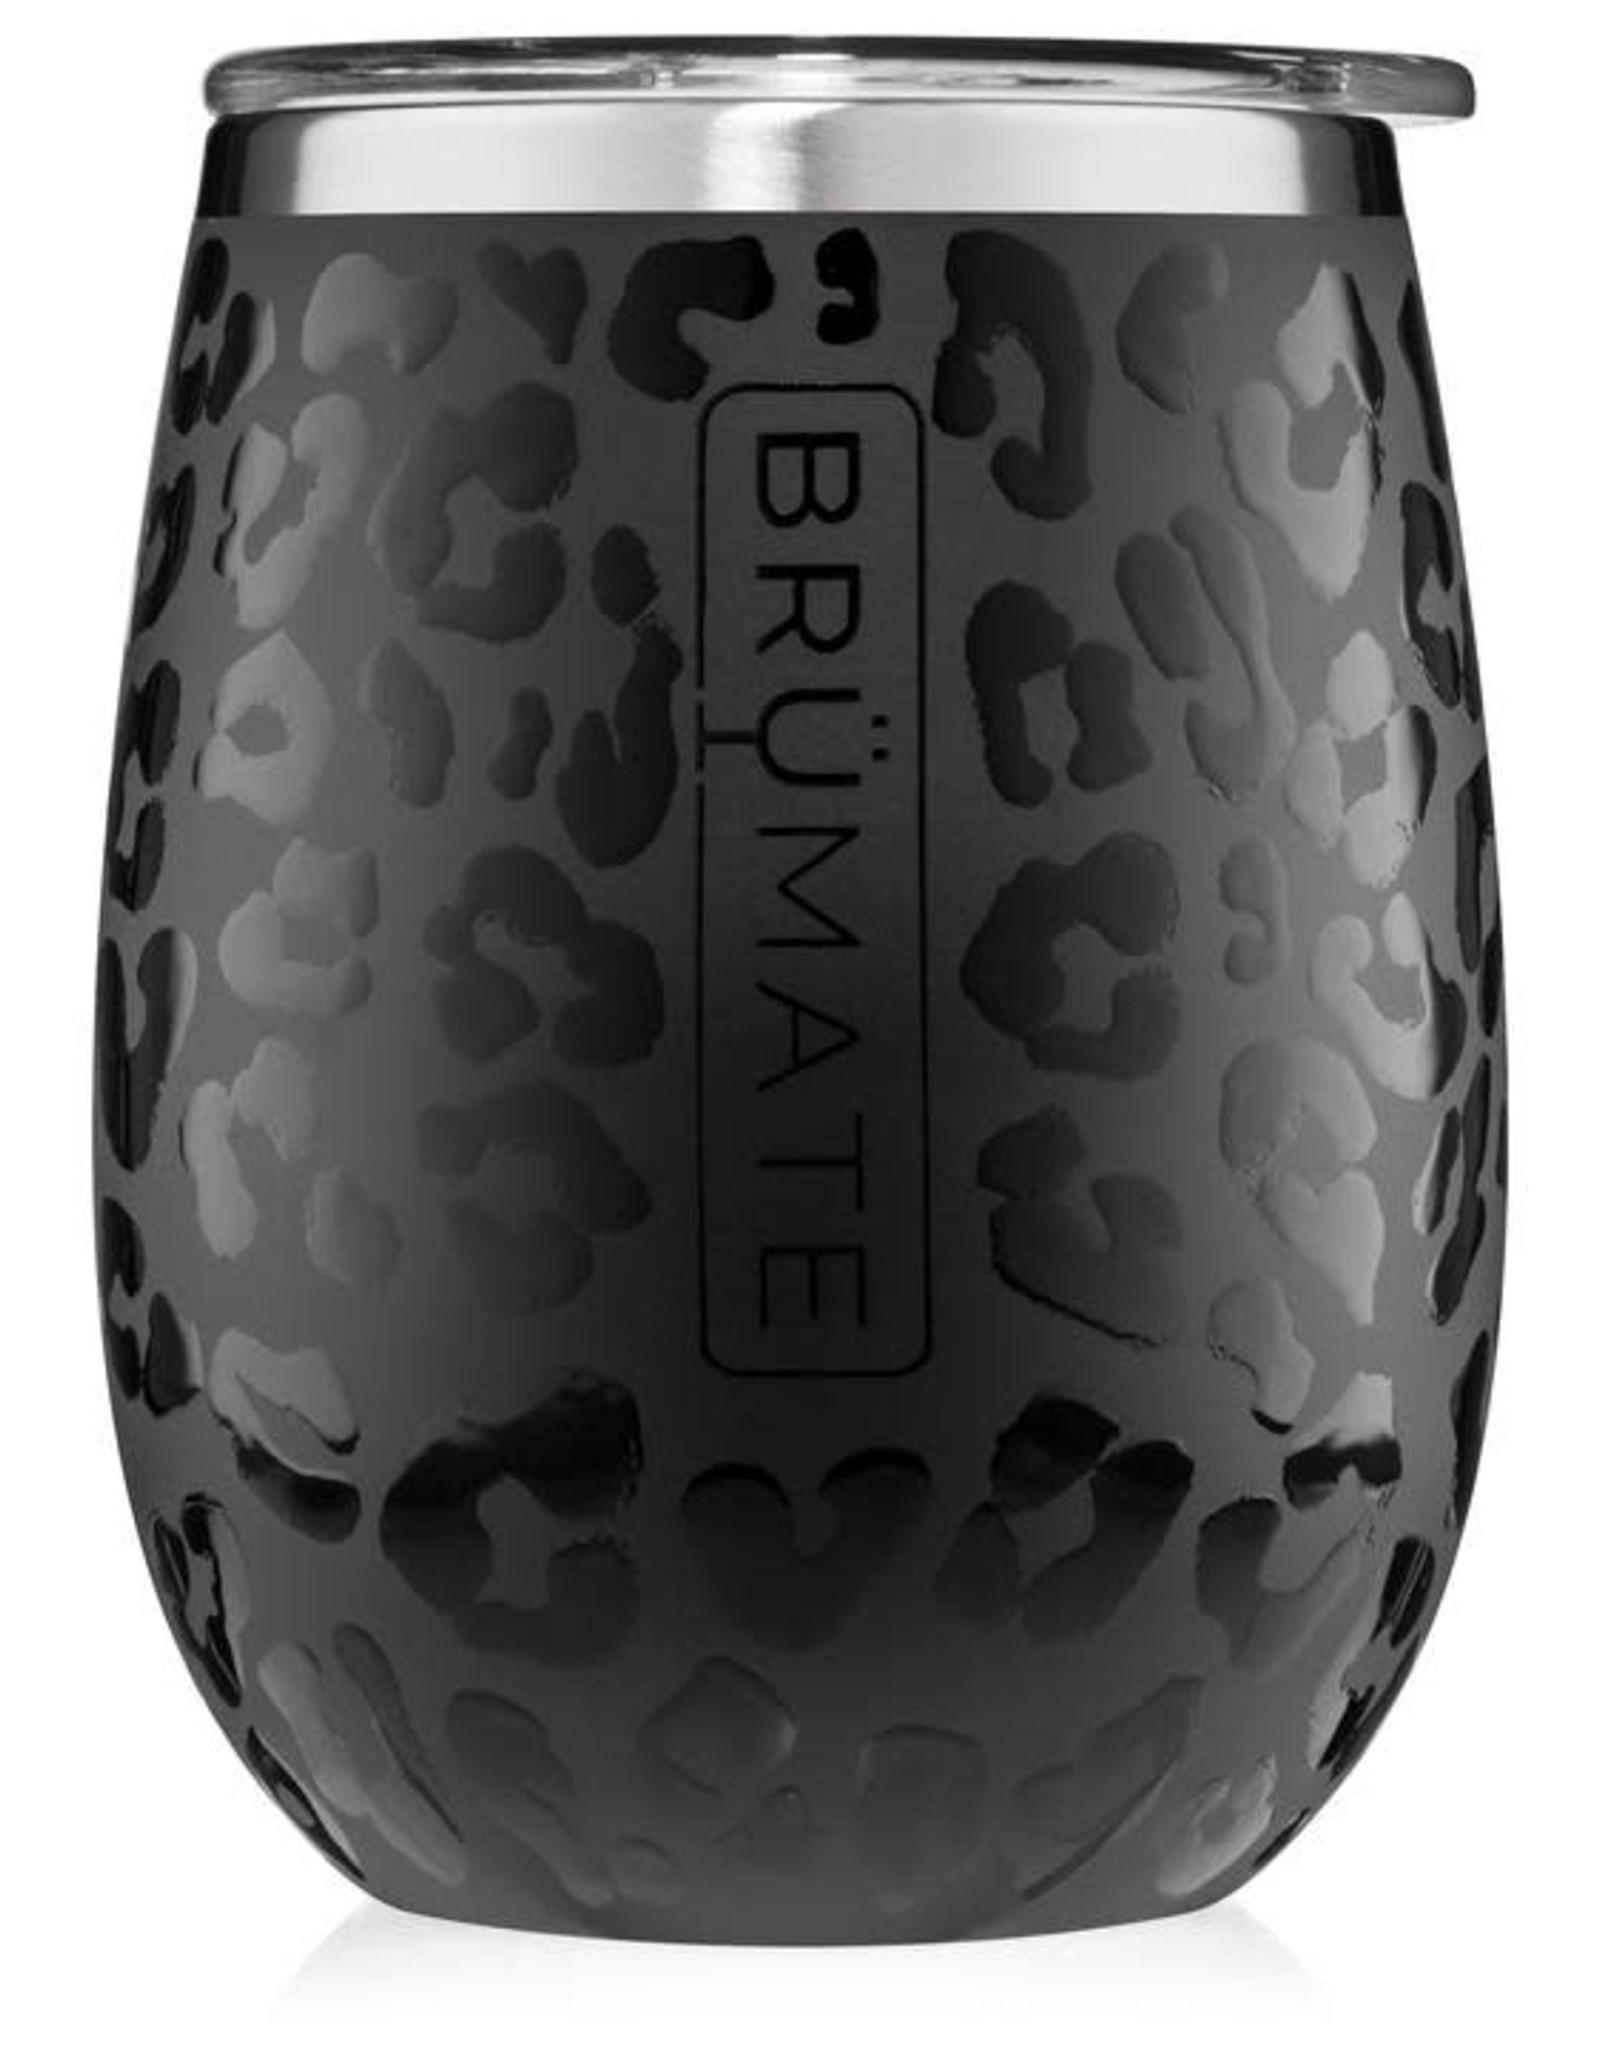 BrüMate UNCORK'D XL 14OZ Wine Tumbler